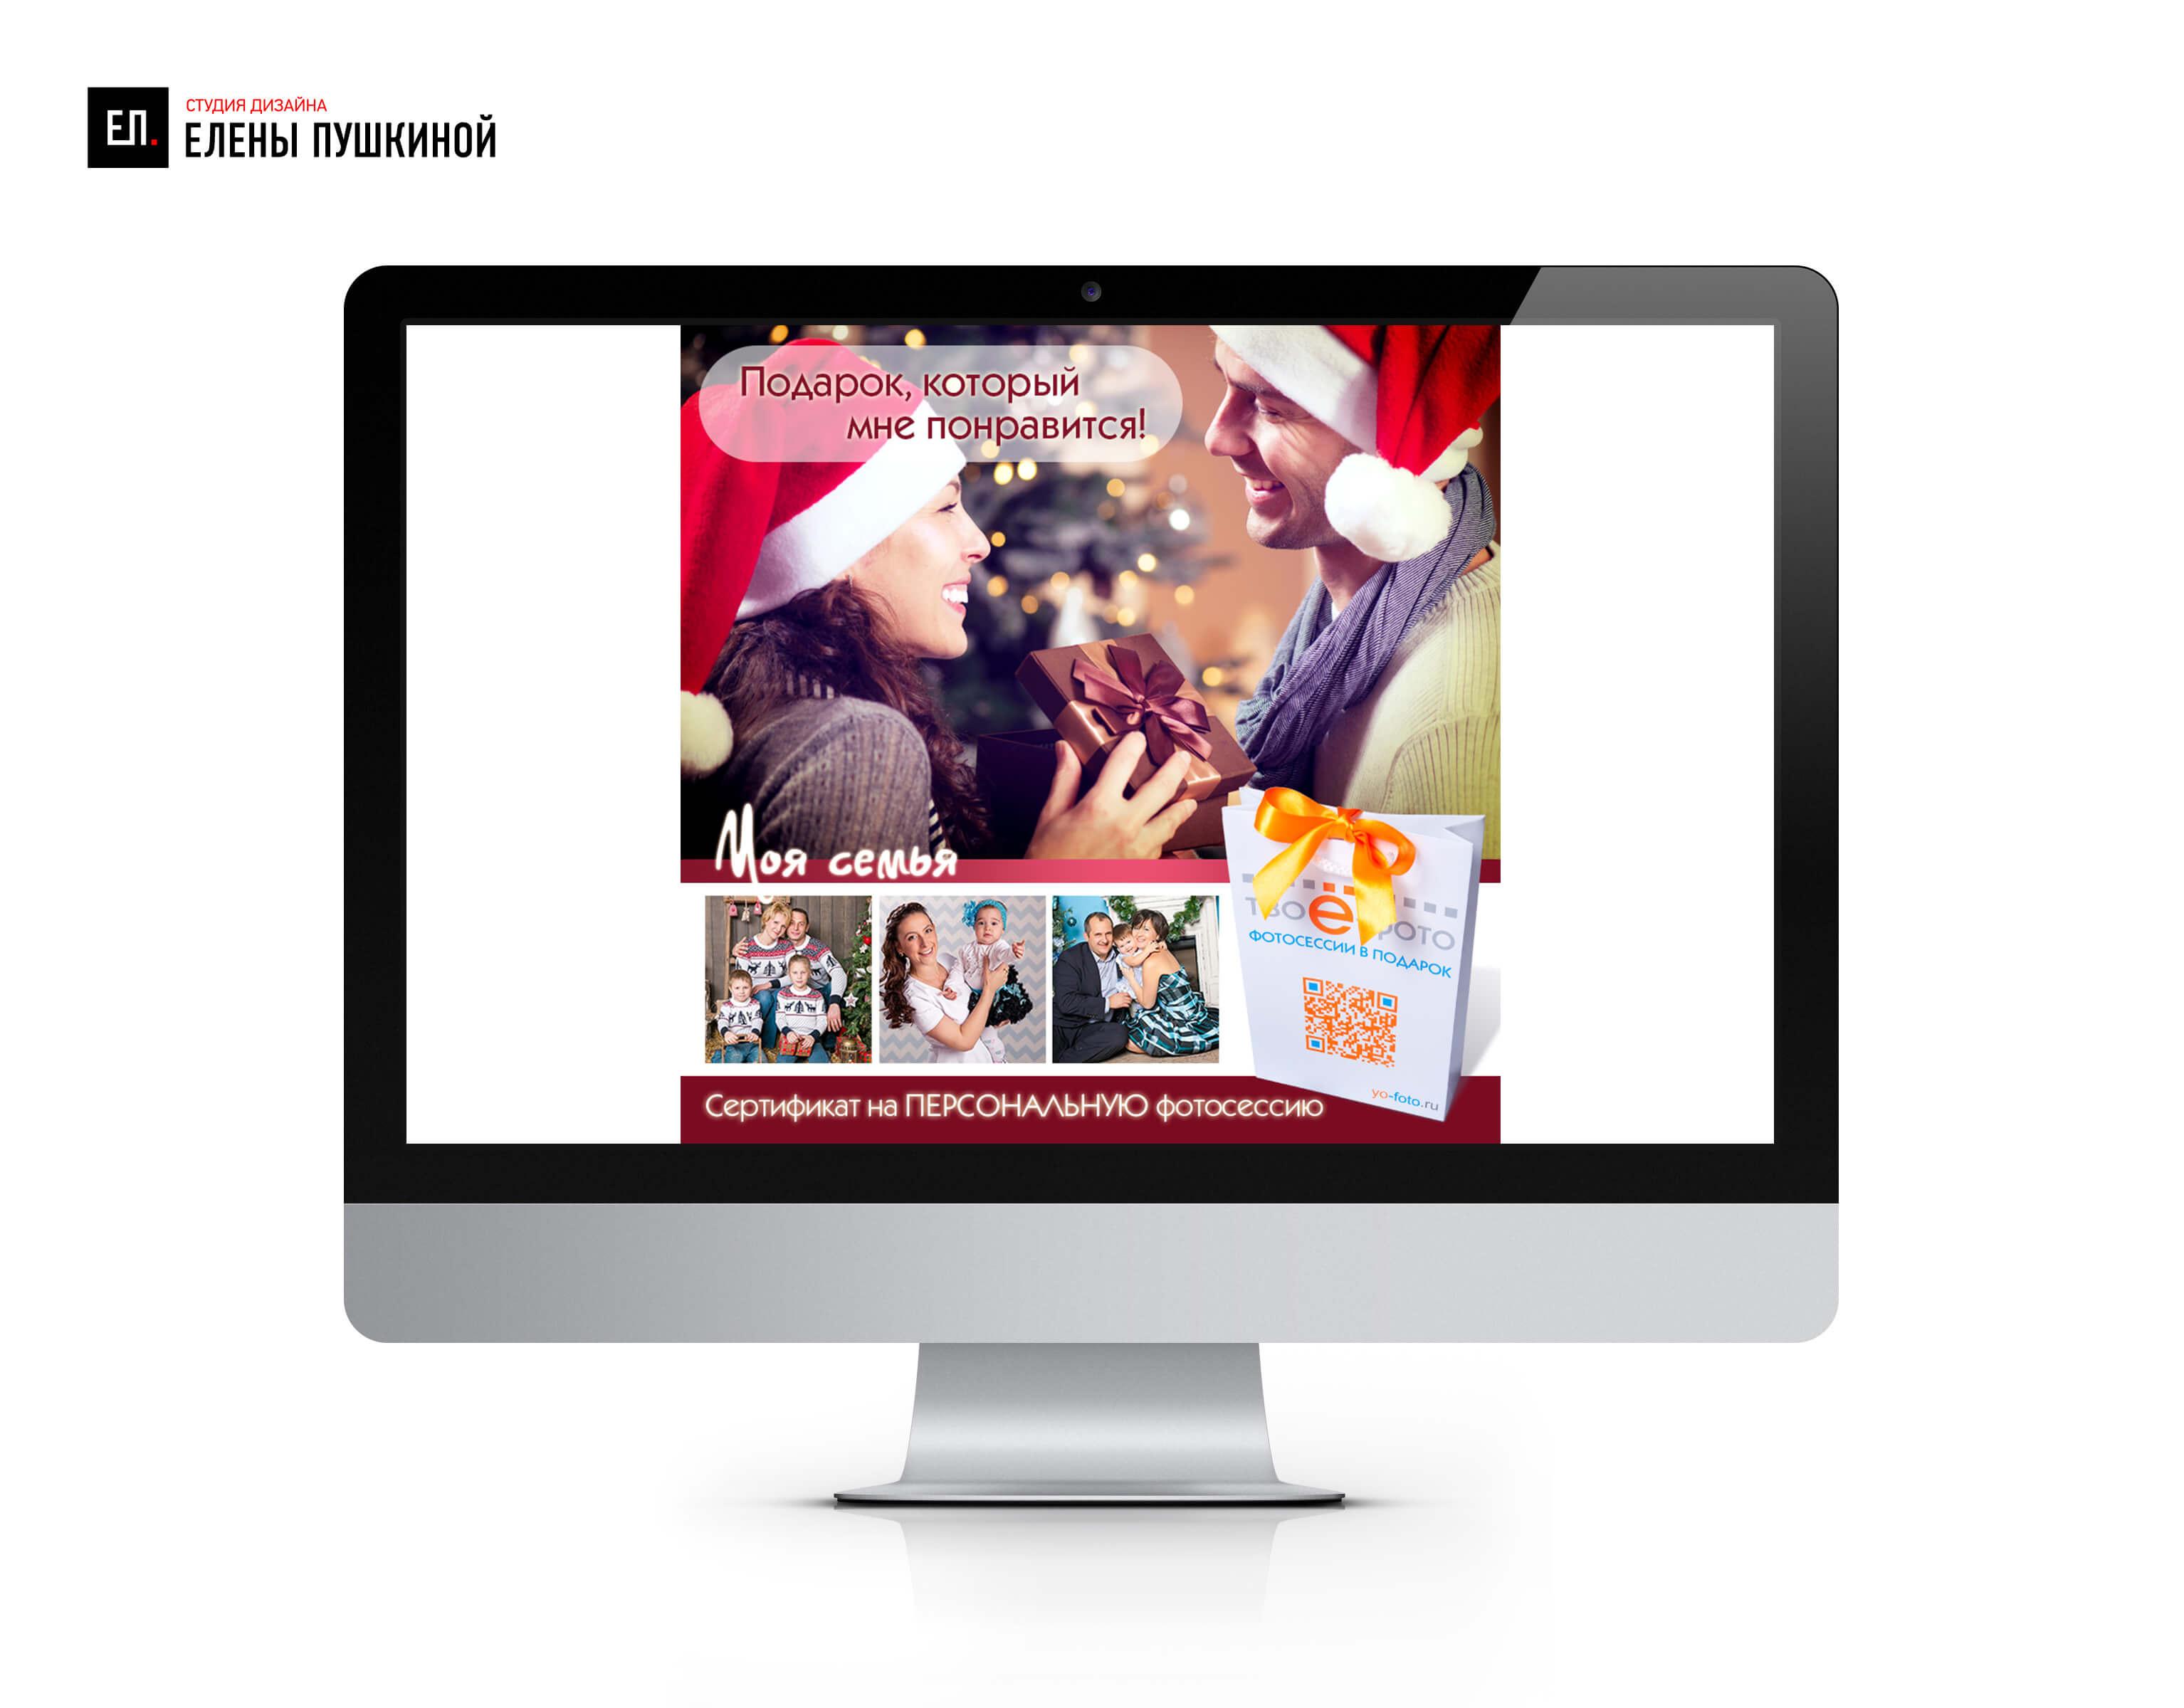 Веб-баннер №6 для сети профессиональных фотостудий «Ё-Фото» — разработка дизайна баннера Баннеры для сайта Портфолио